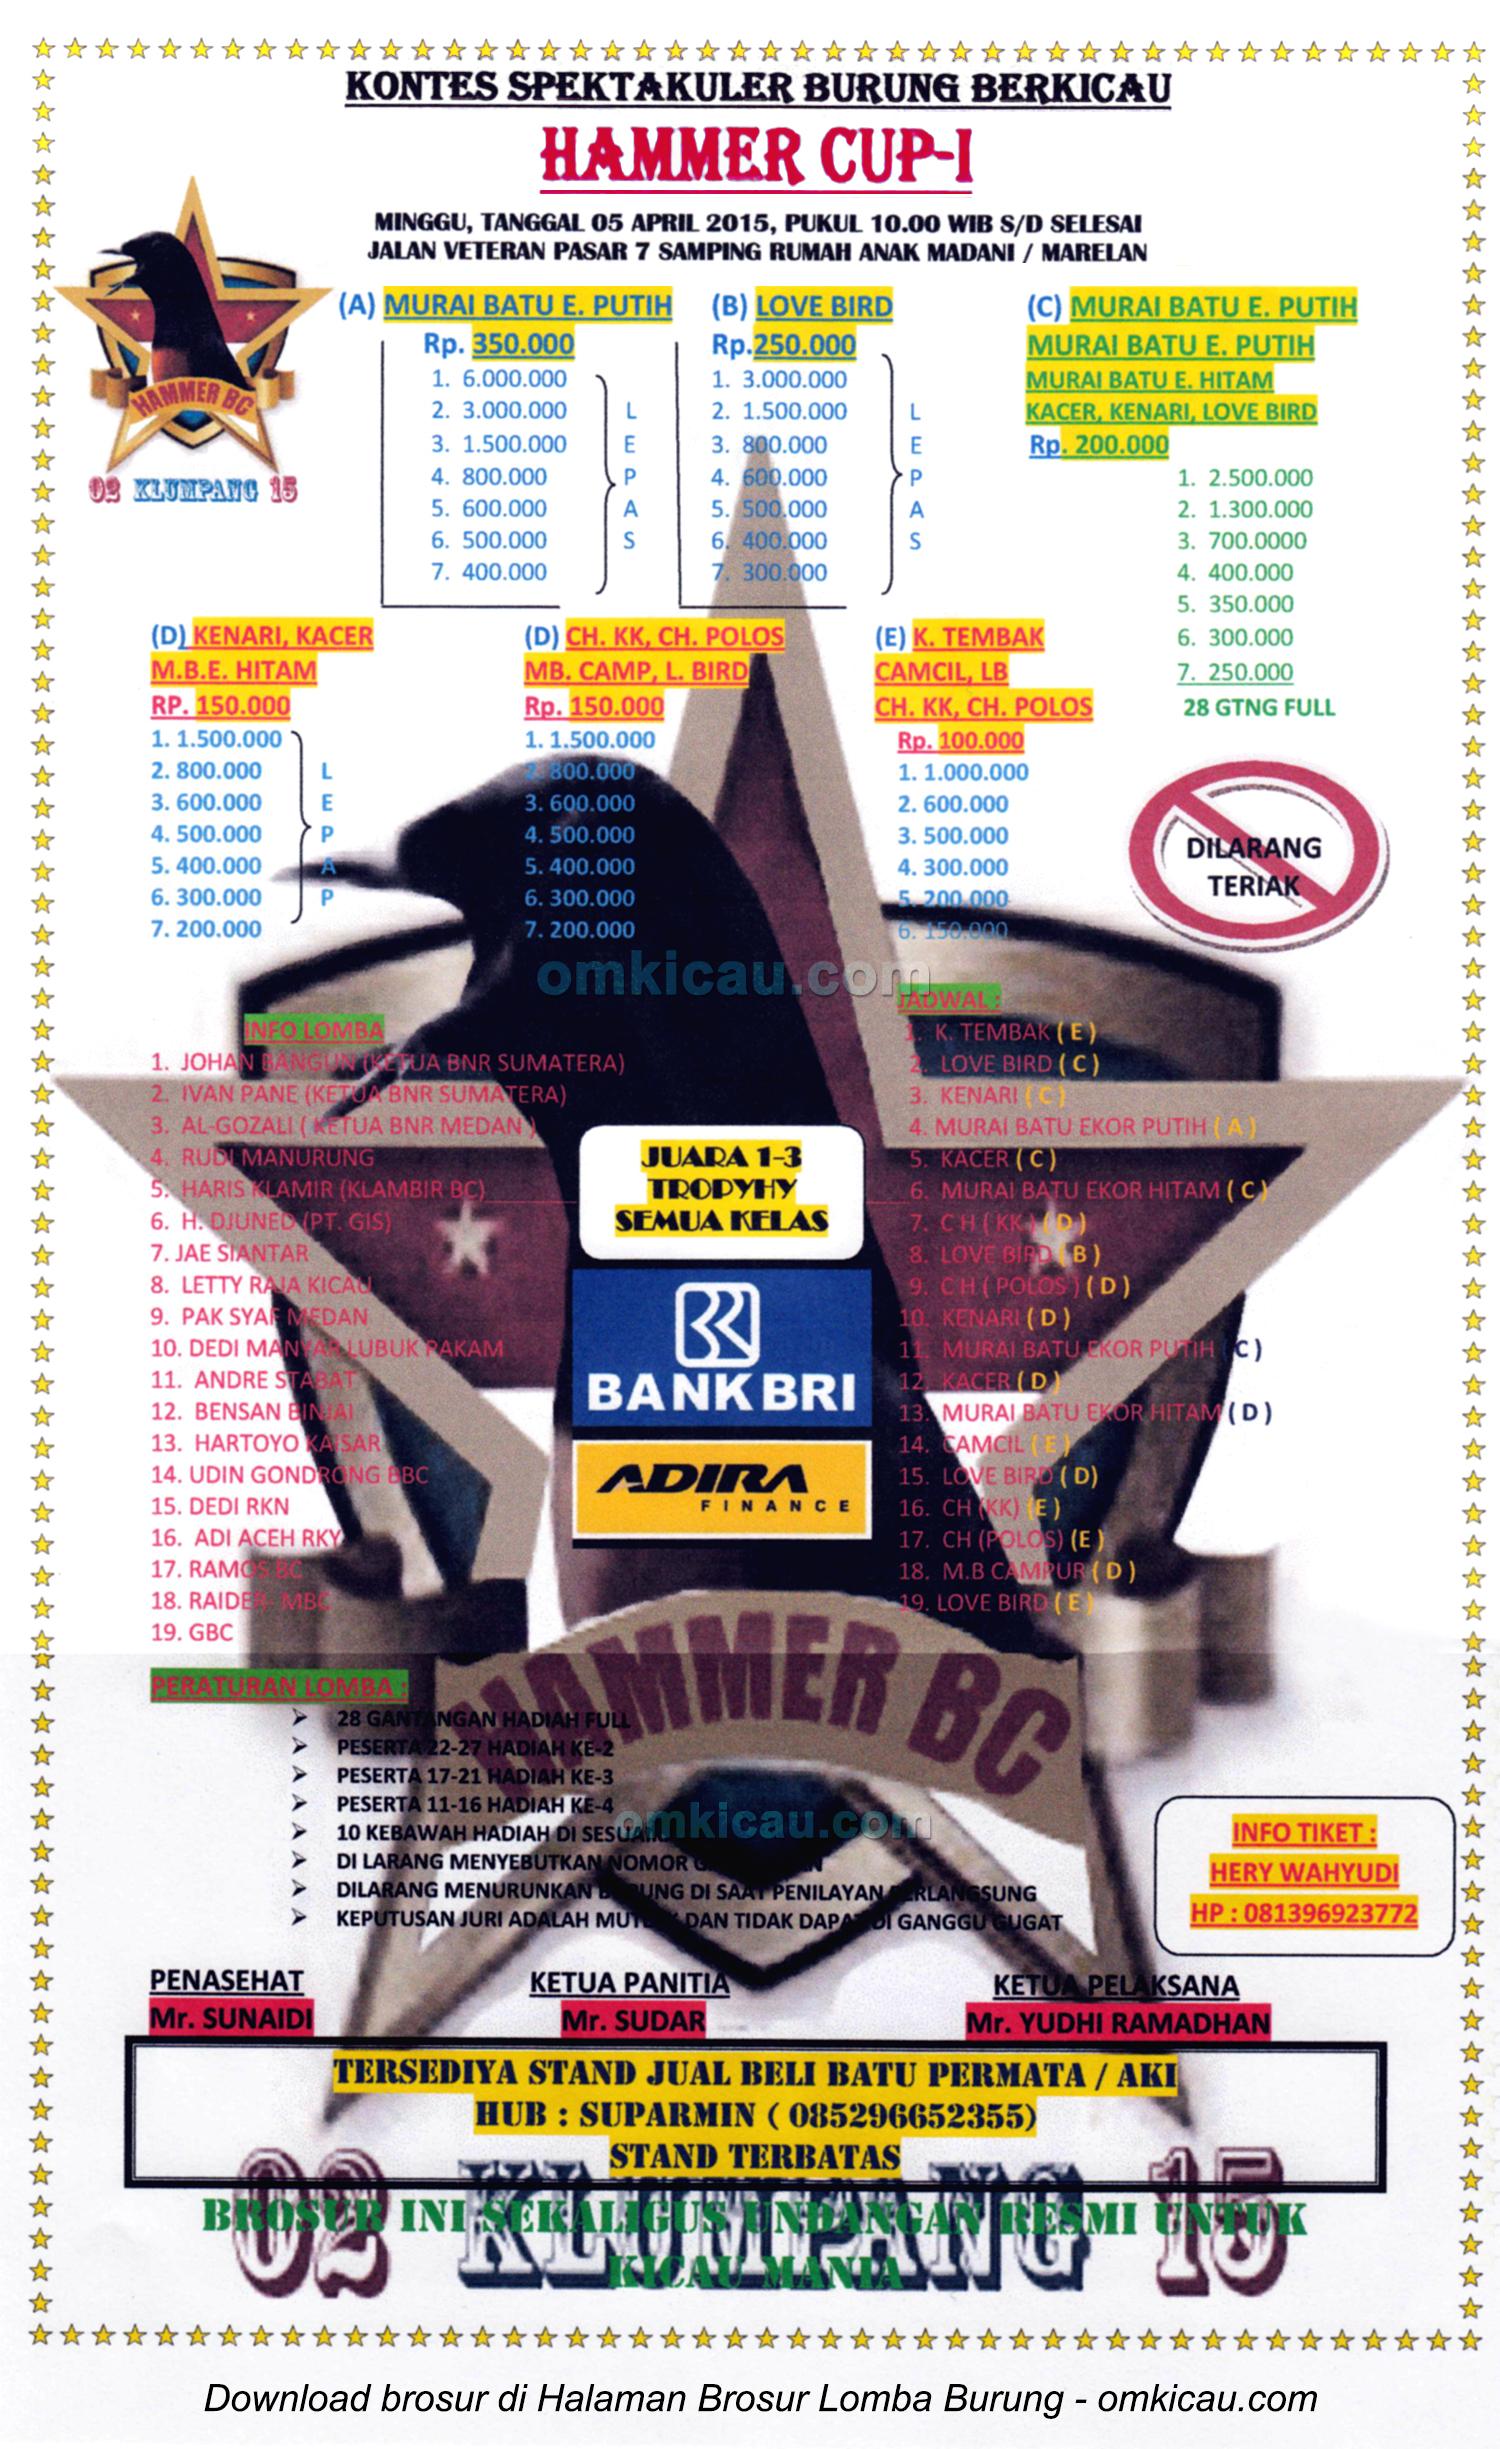 Brosur Kontes Spektakuler Burung Berkicau Hammer Cup I, Medan, 5 April 2015